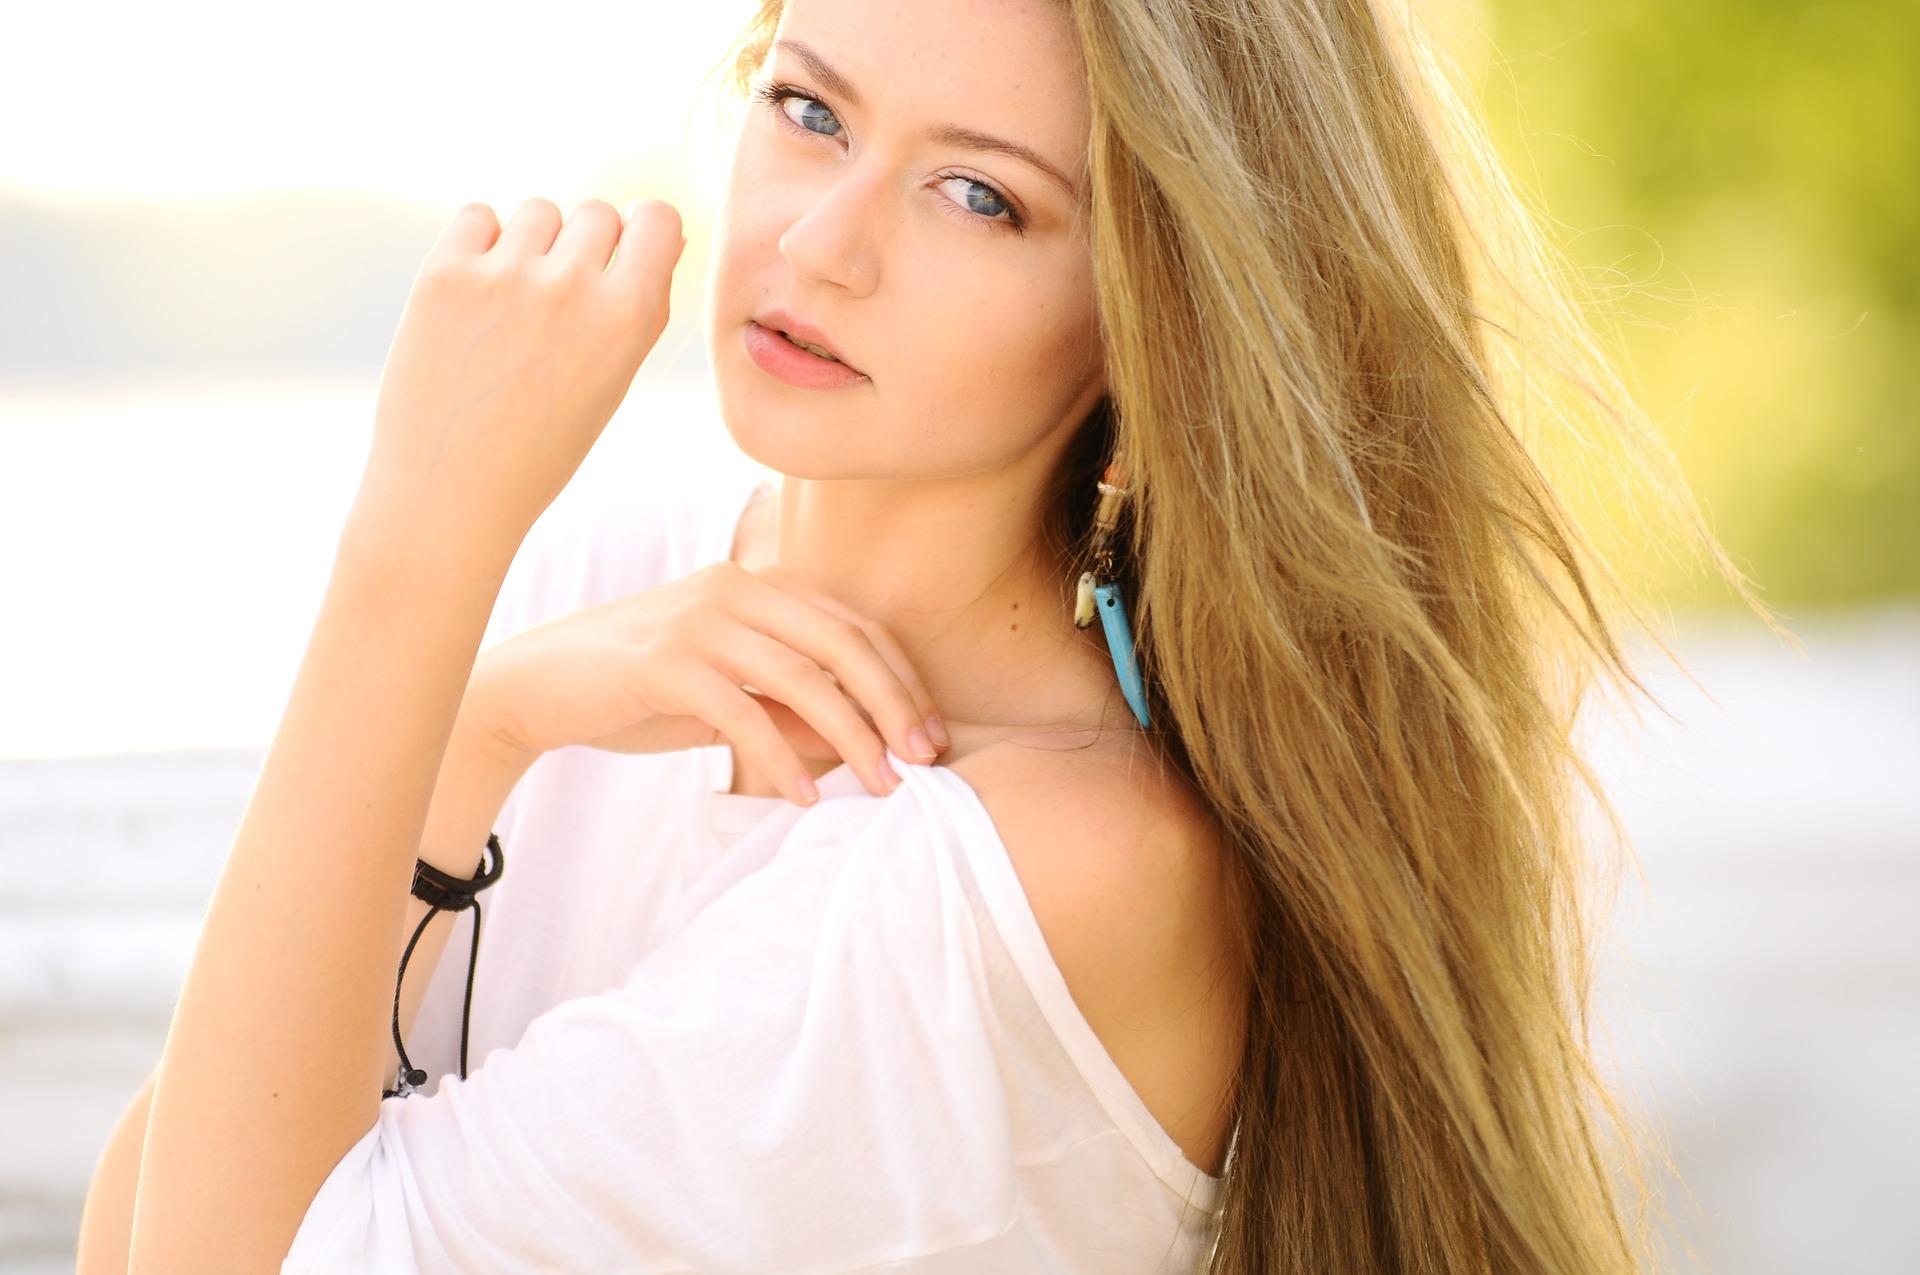 彼女と結婚したいと思う瞬間は?彼女が見せるOKサインやタイミングを解説!